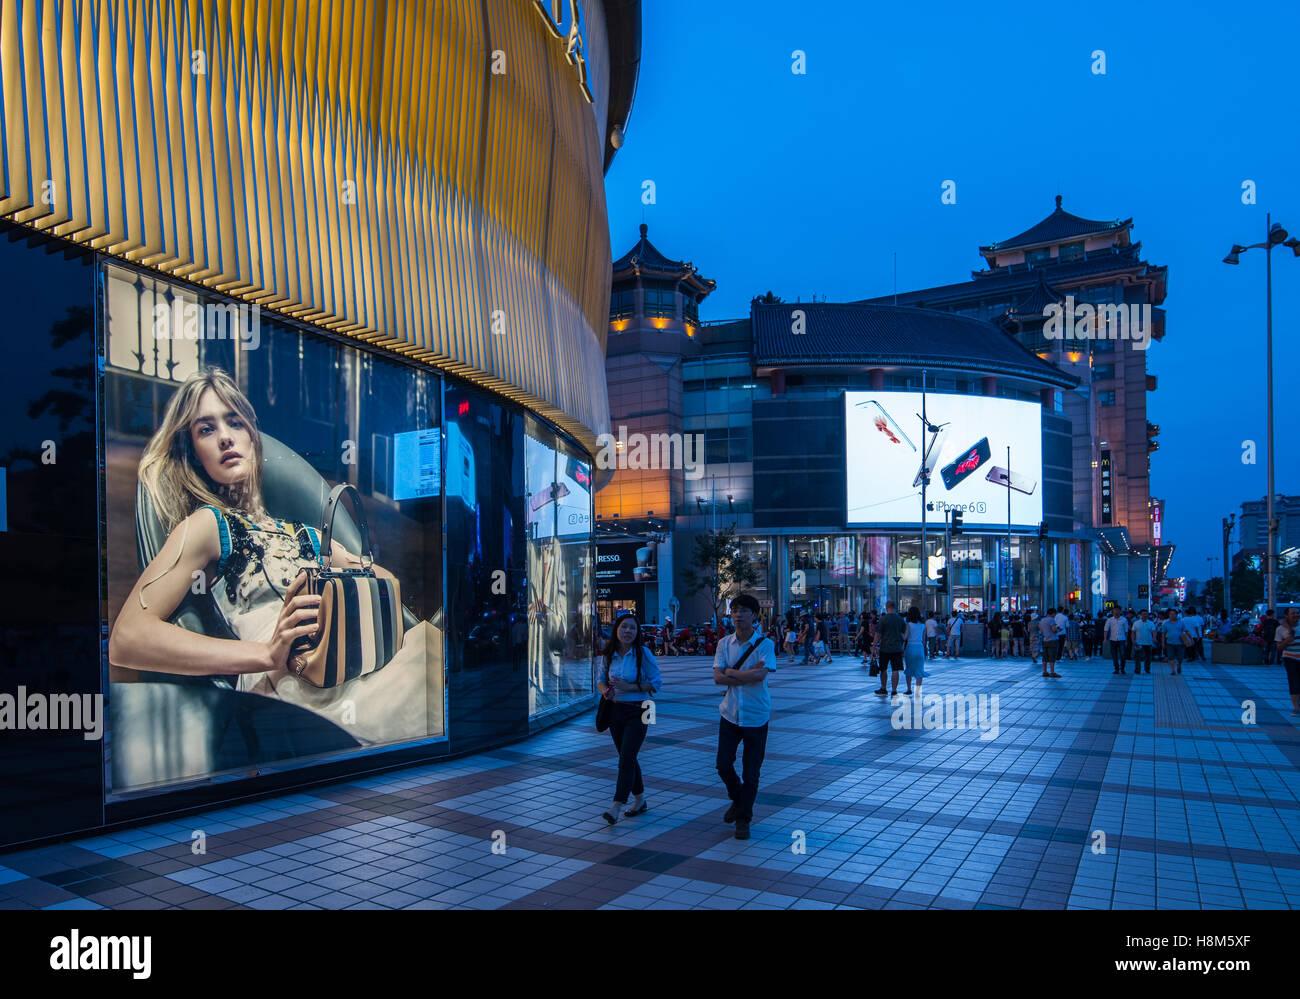 Beijing, China - The main shopping square on Wangfujing Street in Beijing. - Stock Image